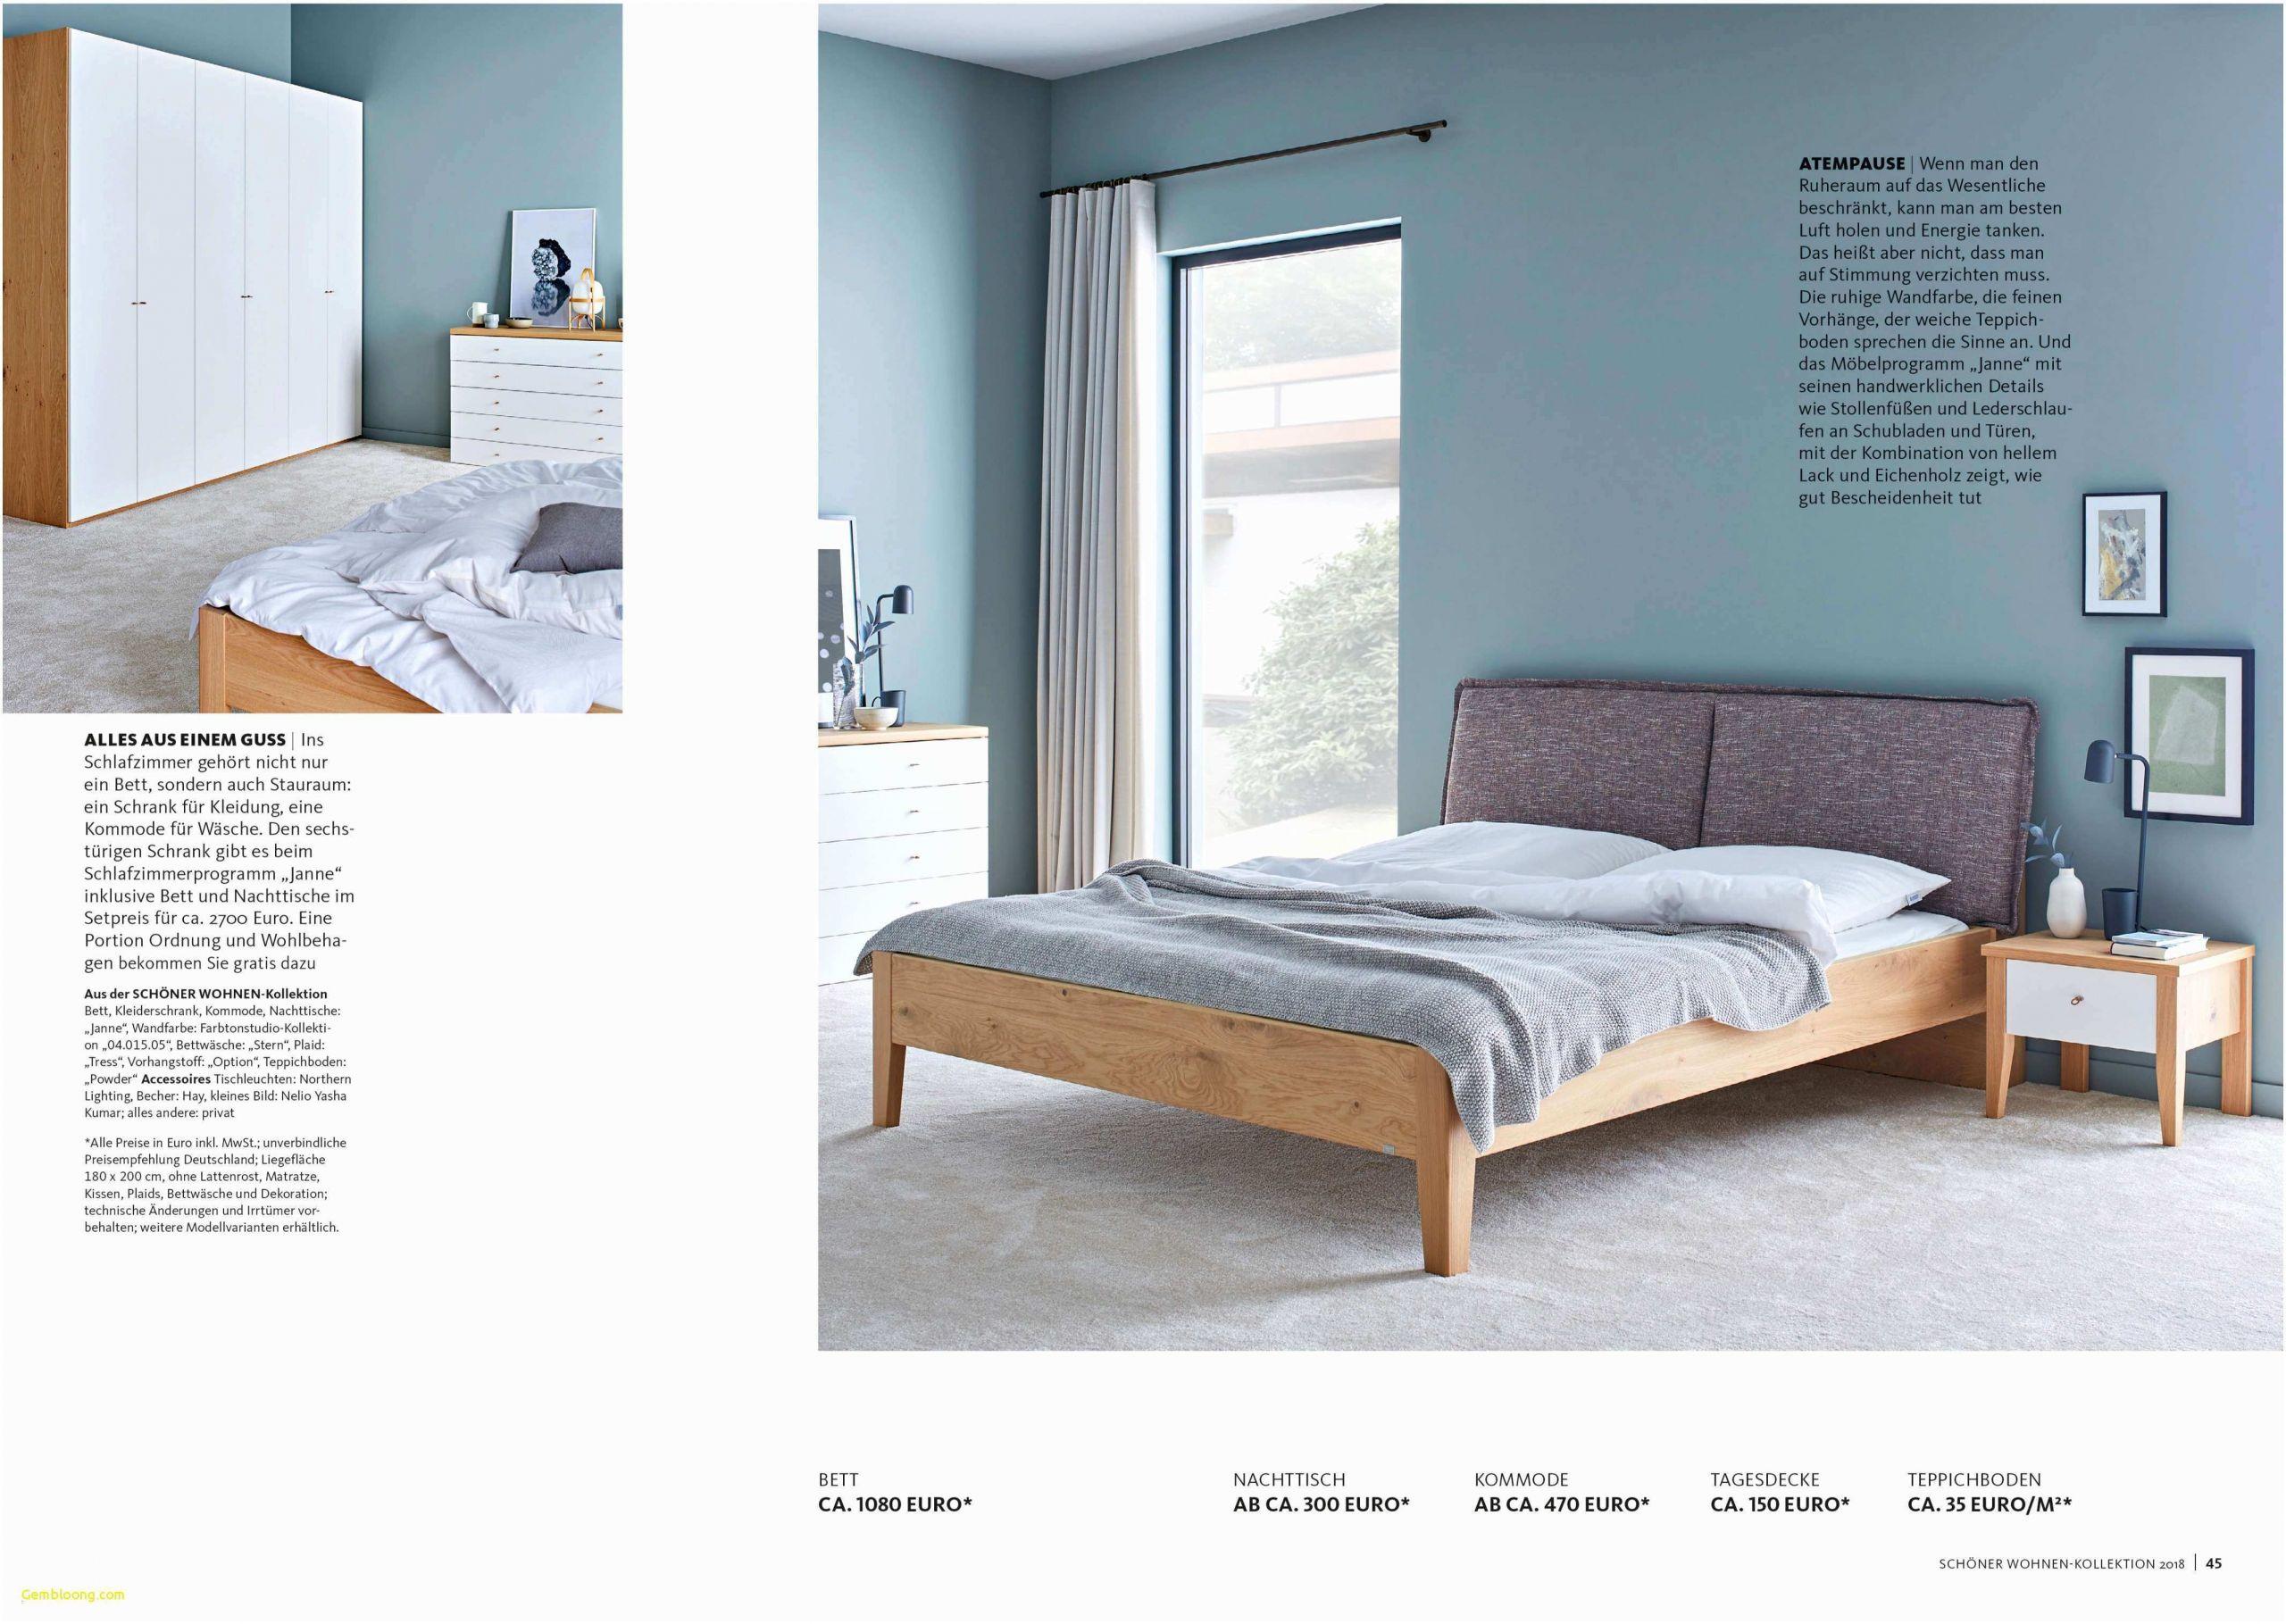 wanddeko fur kuche genial 50 beste von kuche deko wand design of wanddeko fur kuche